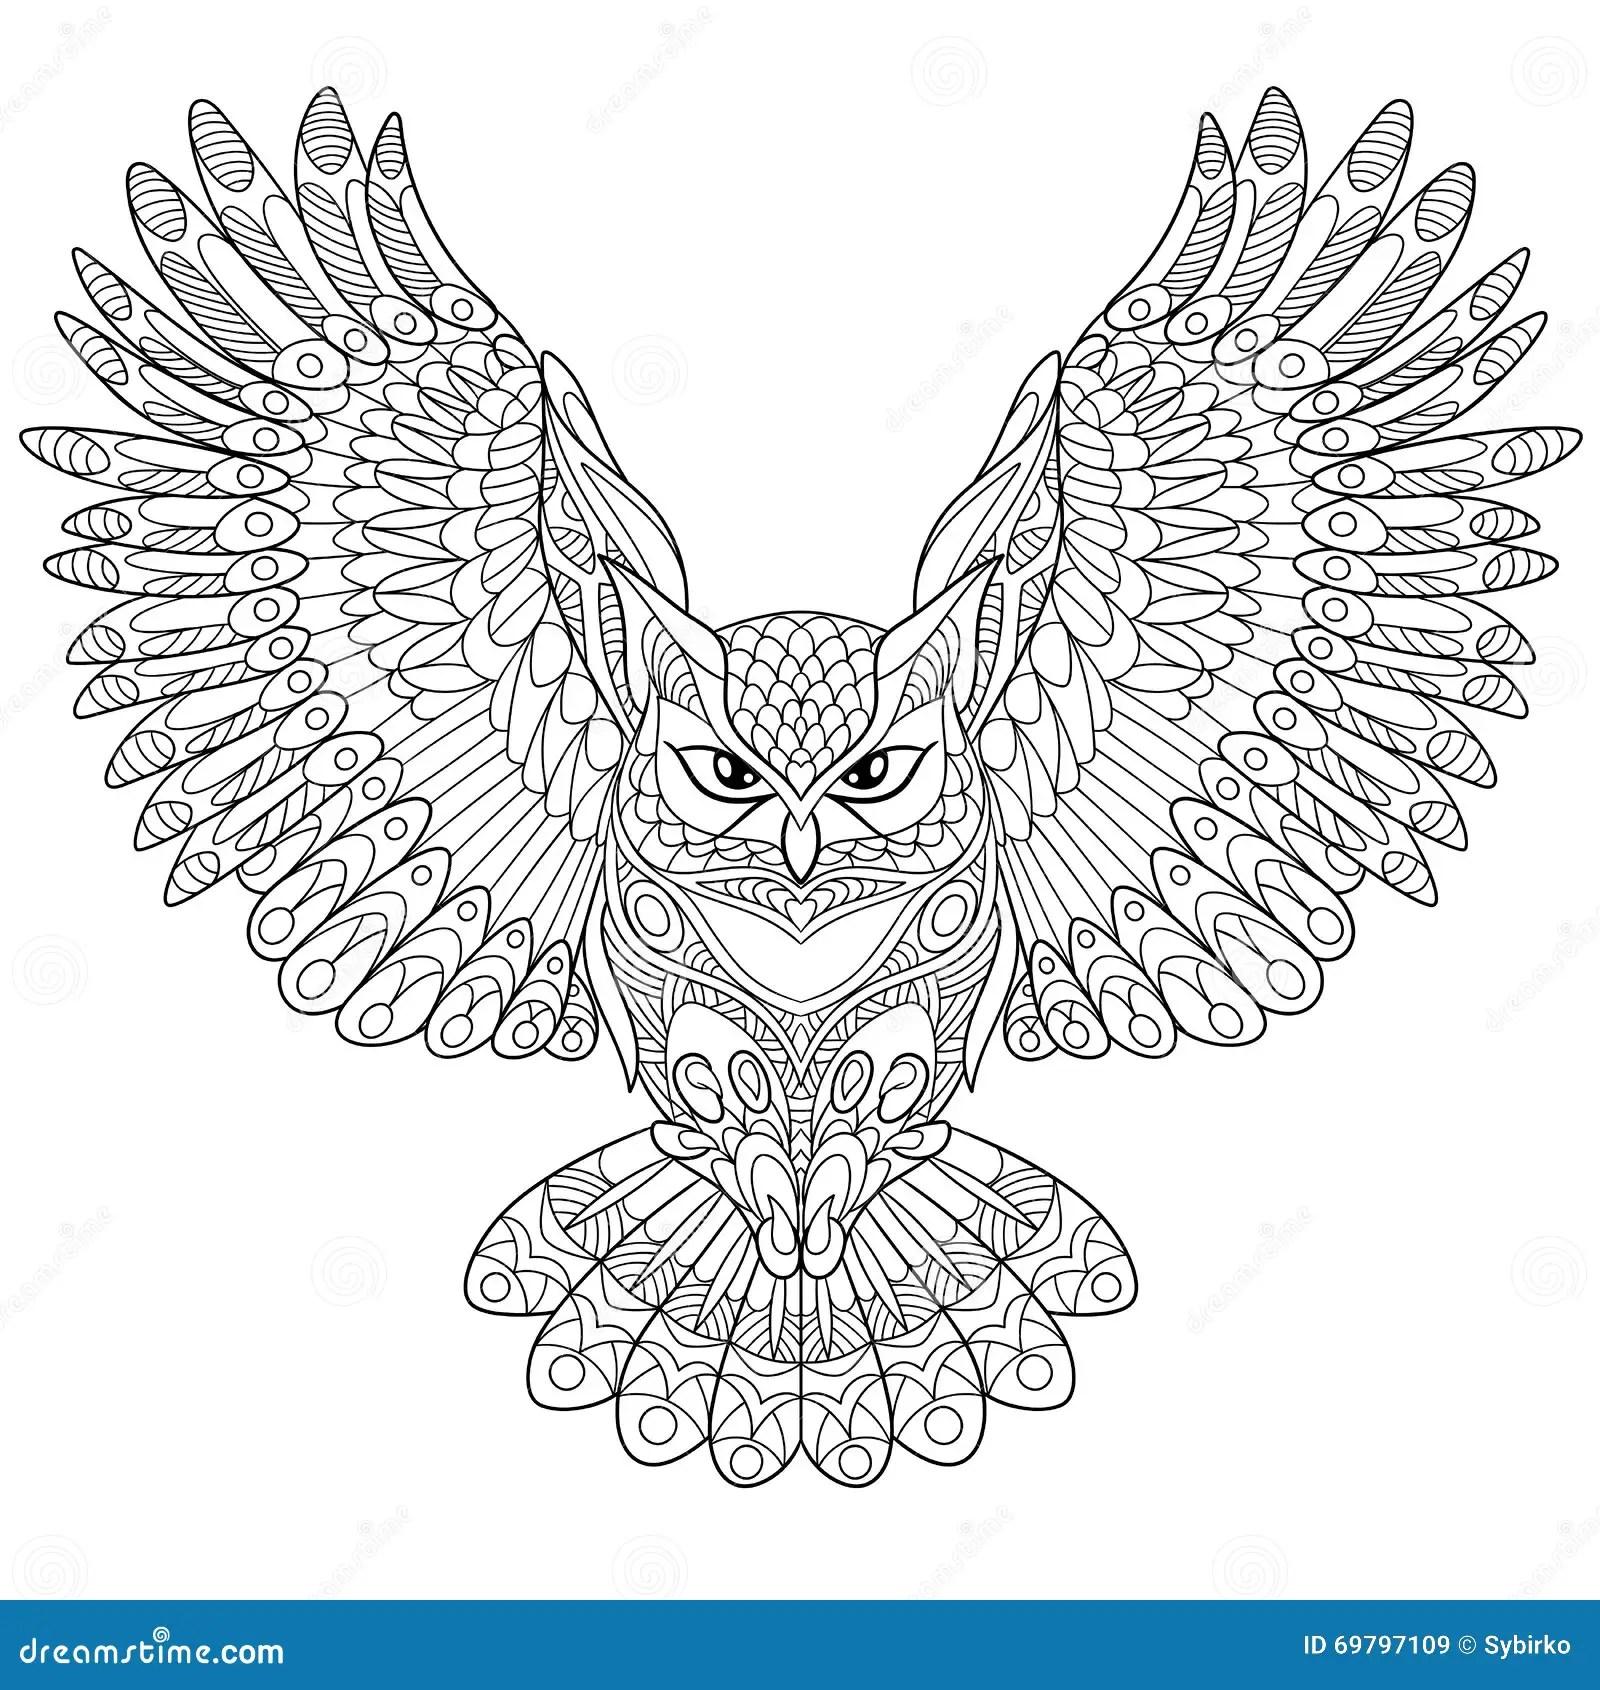 Zentangle Stylized Eagle Owl Stock Vector Image 69797109